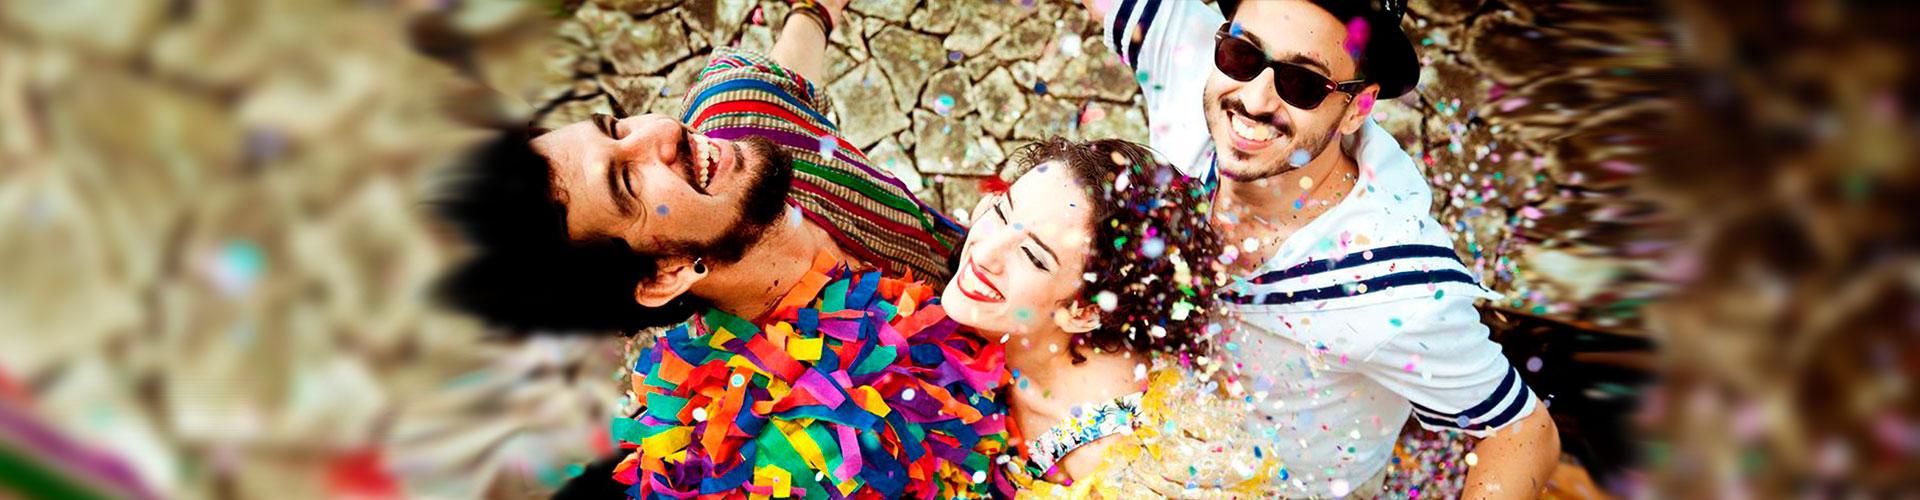 sorriso carnaval 2019